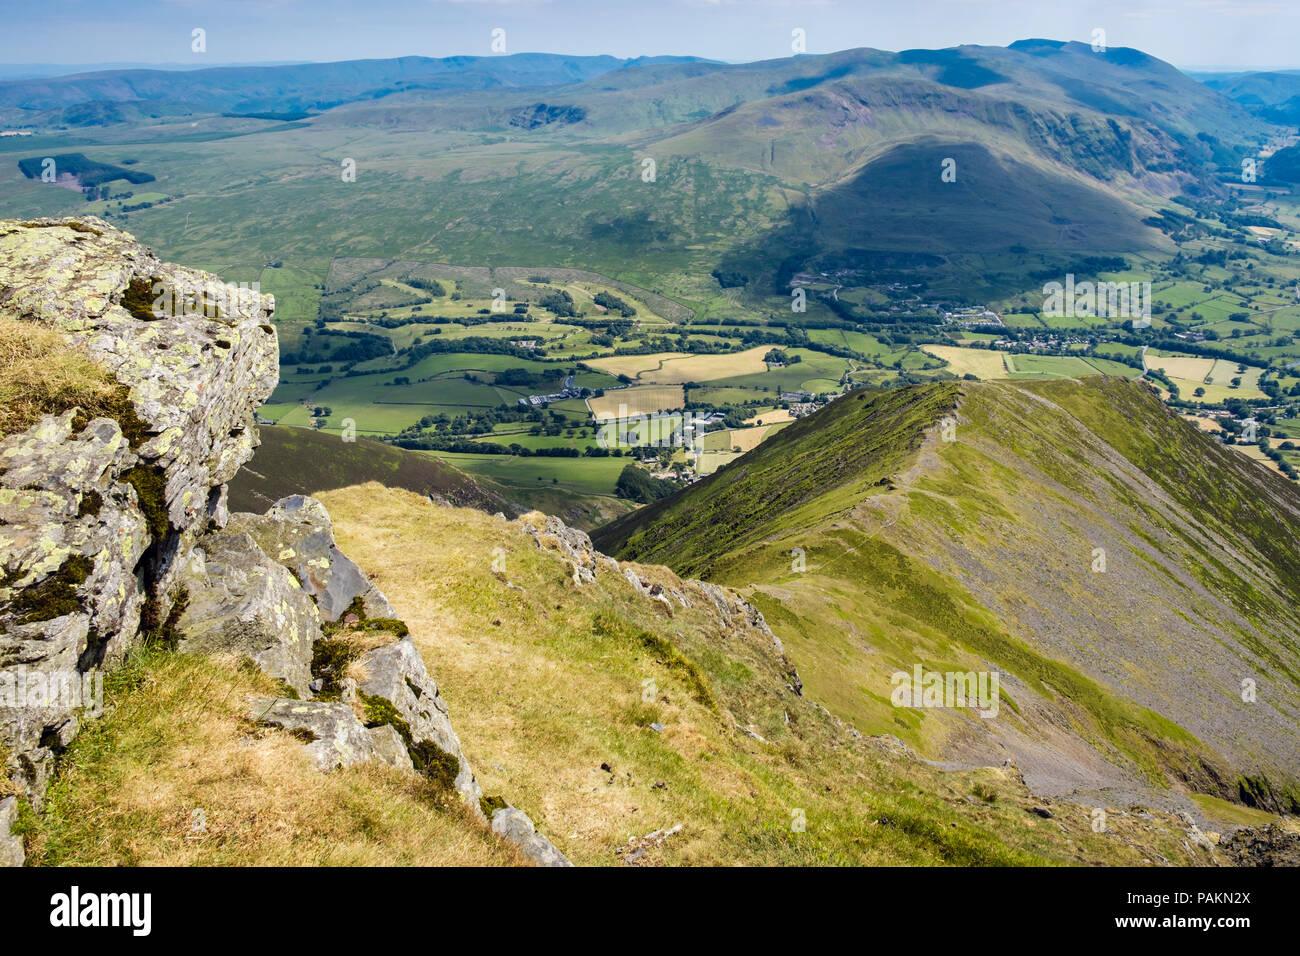 Vue vers le bas sur les salles est tombé dessus (Blencathra Saddleback) crête du sommet à Threlkeld, dans le nord du Parc National du Lake District, Cumbria, England, UK, Grande-Bretagne Photo Stock